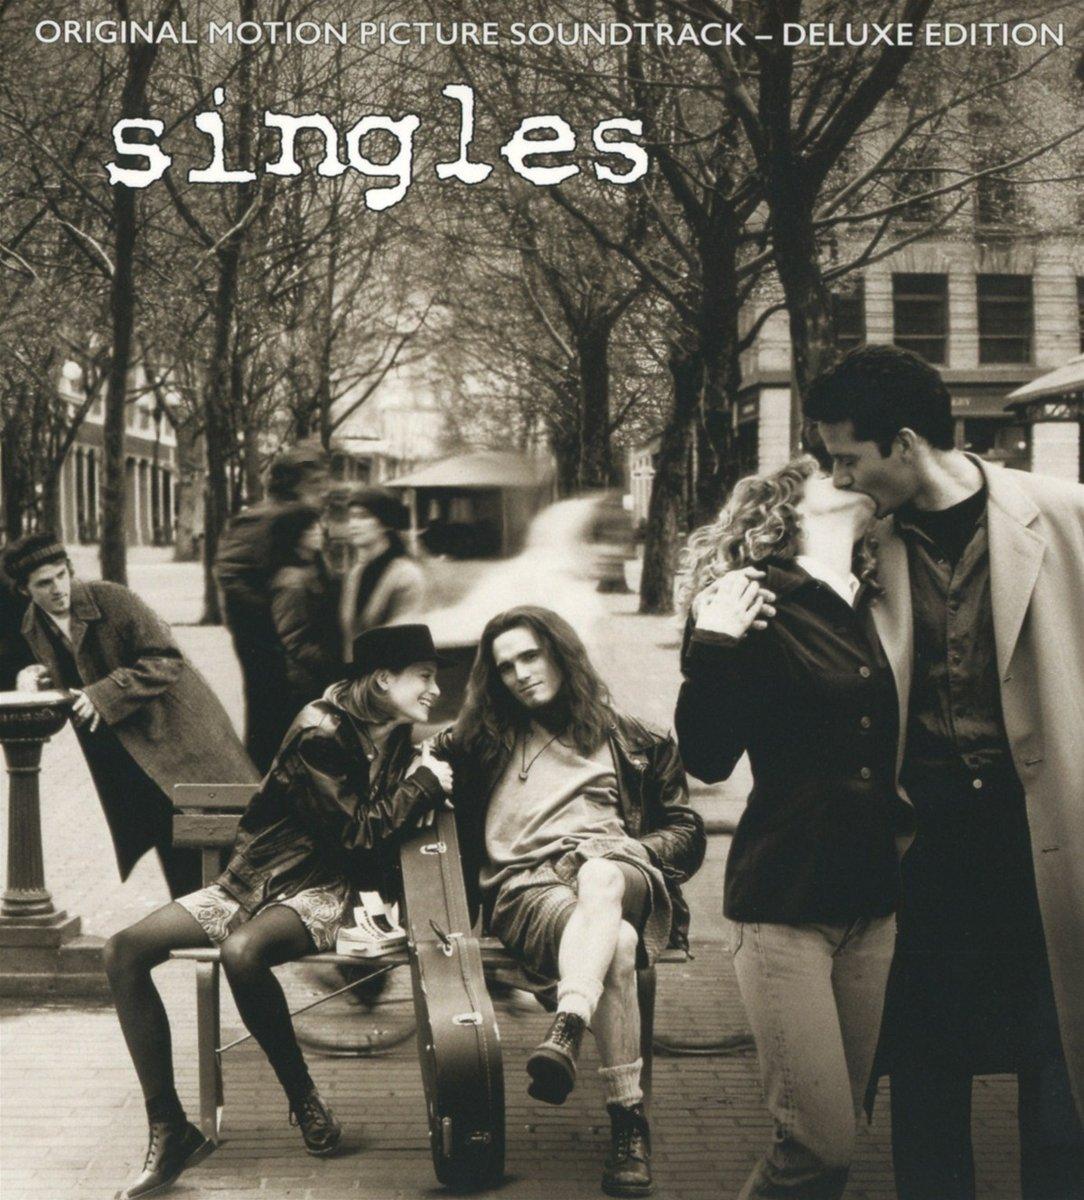 La minute10que n°26 - singles ost réédition deluxe